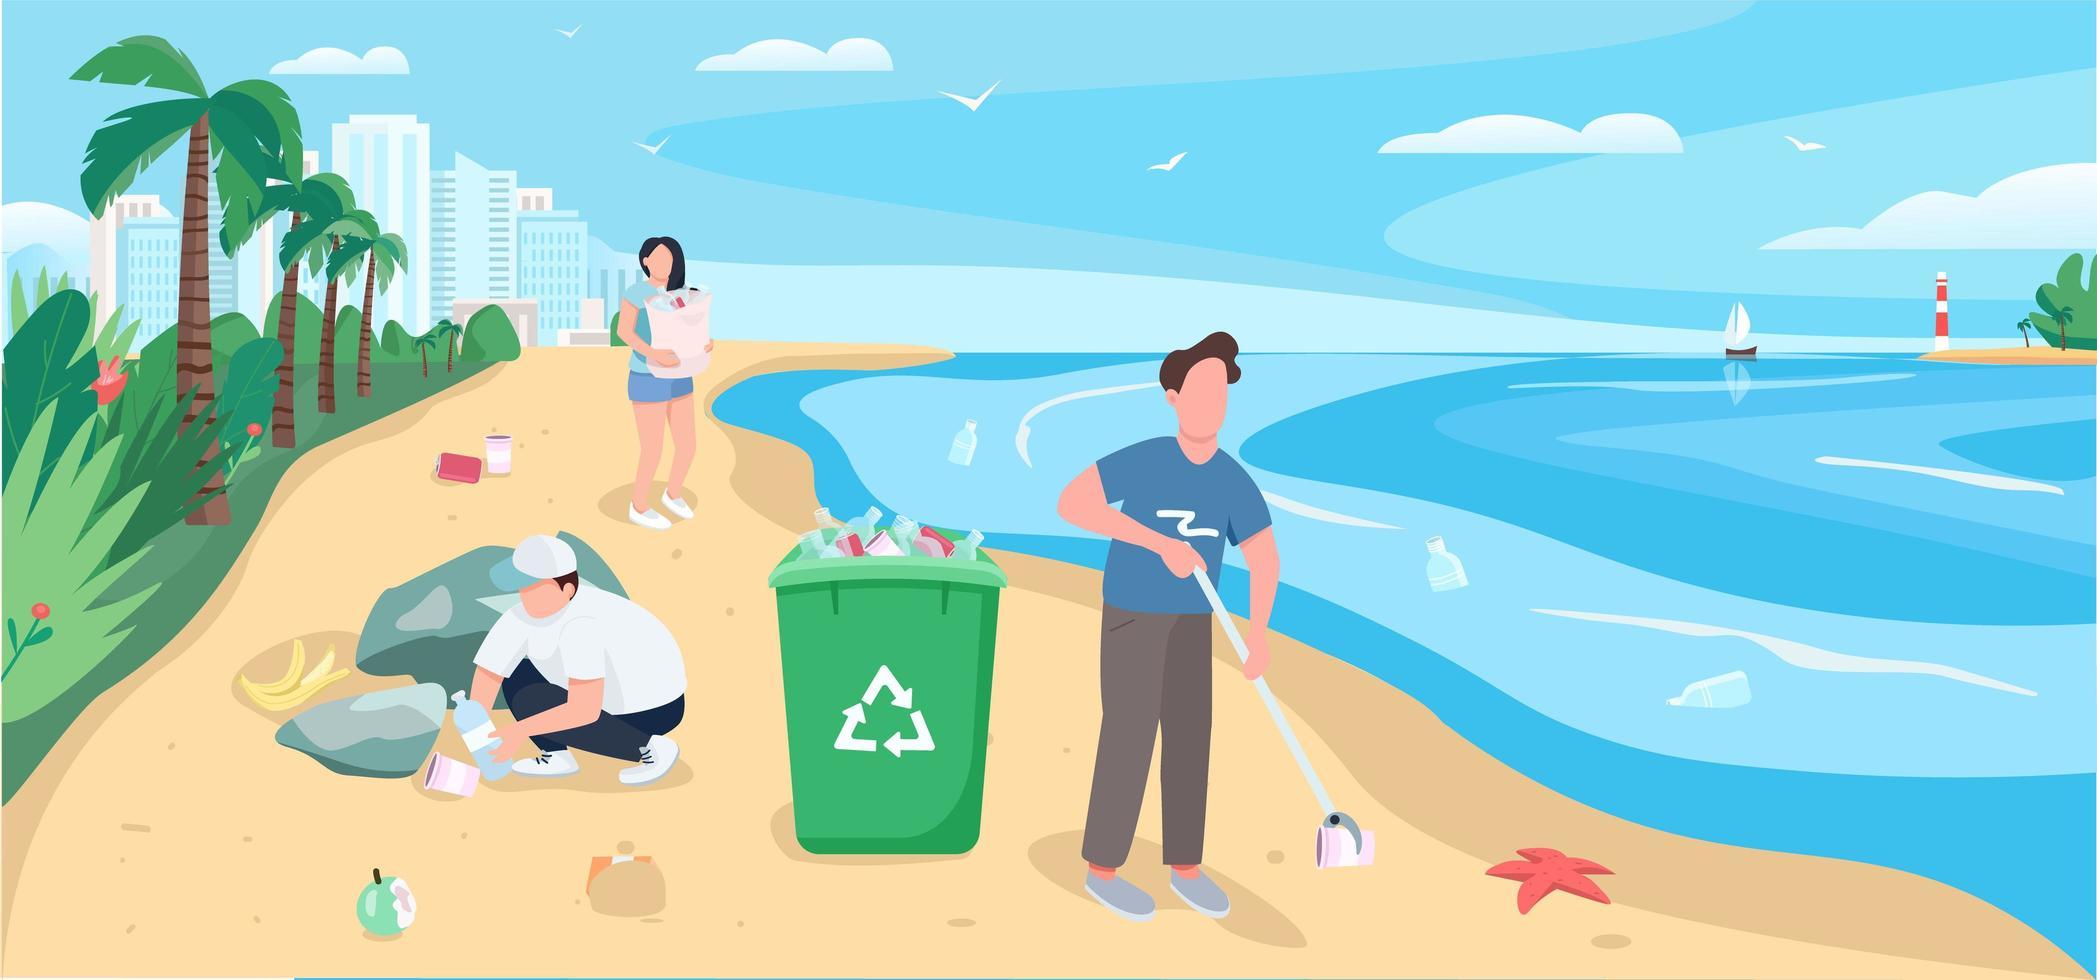 pessoas limpando praia de areia vetor